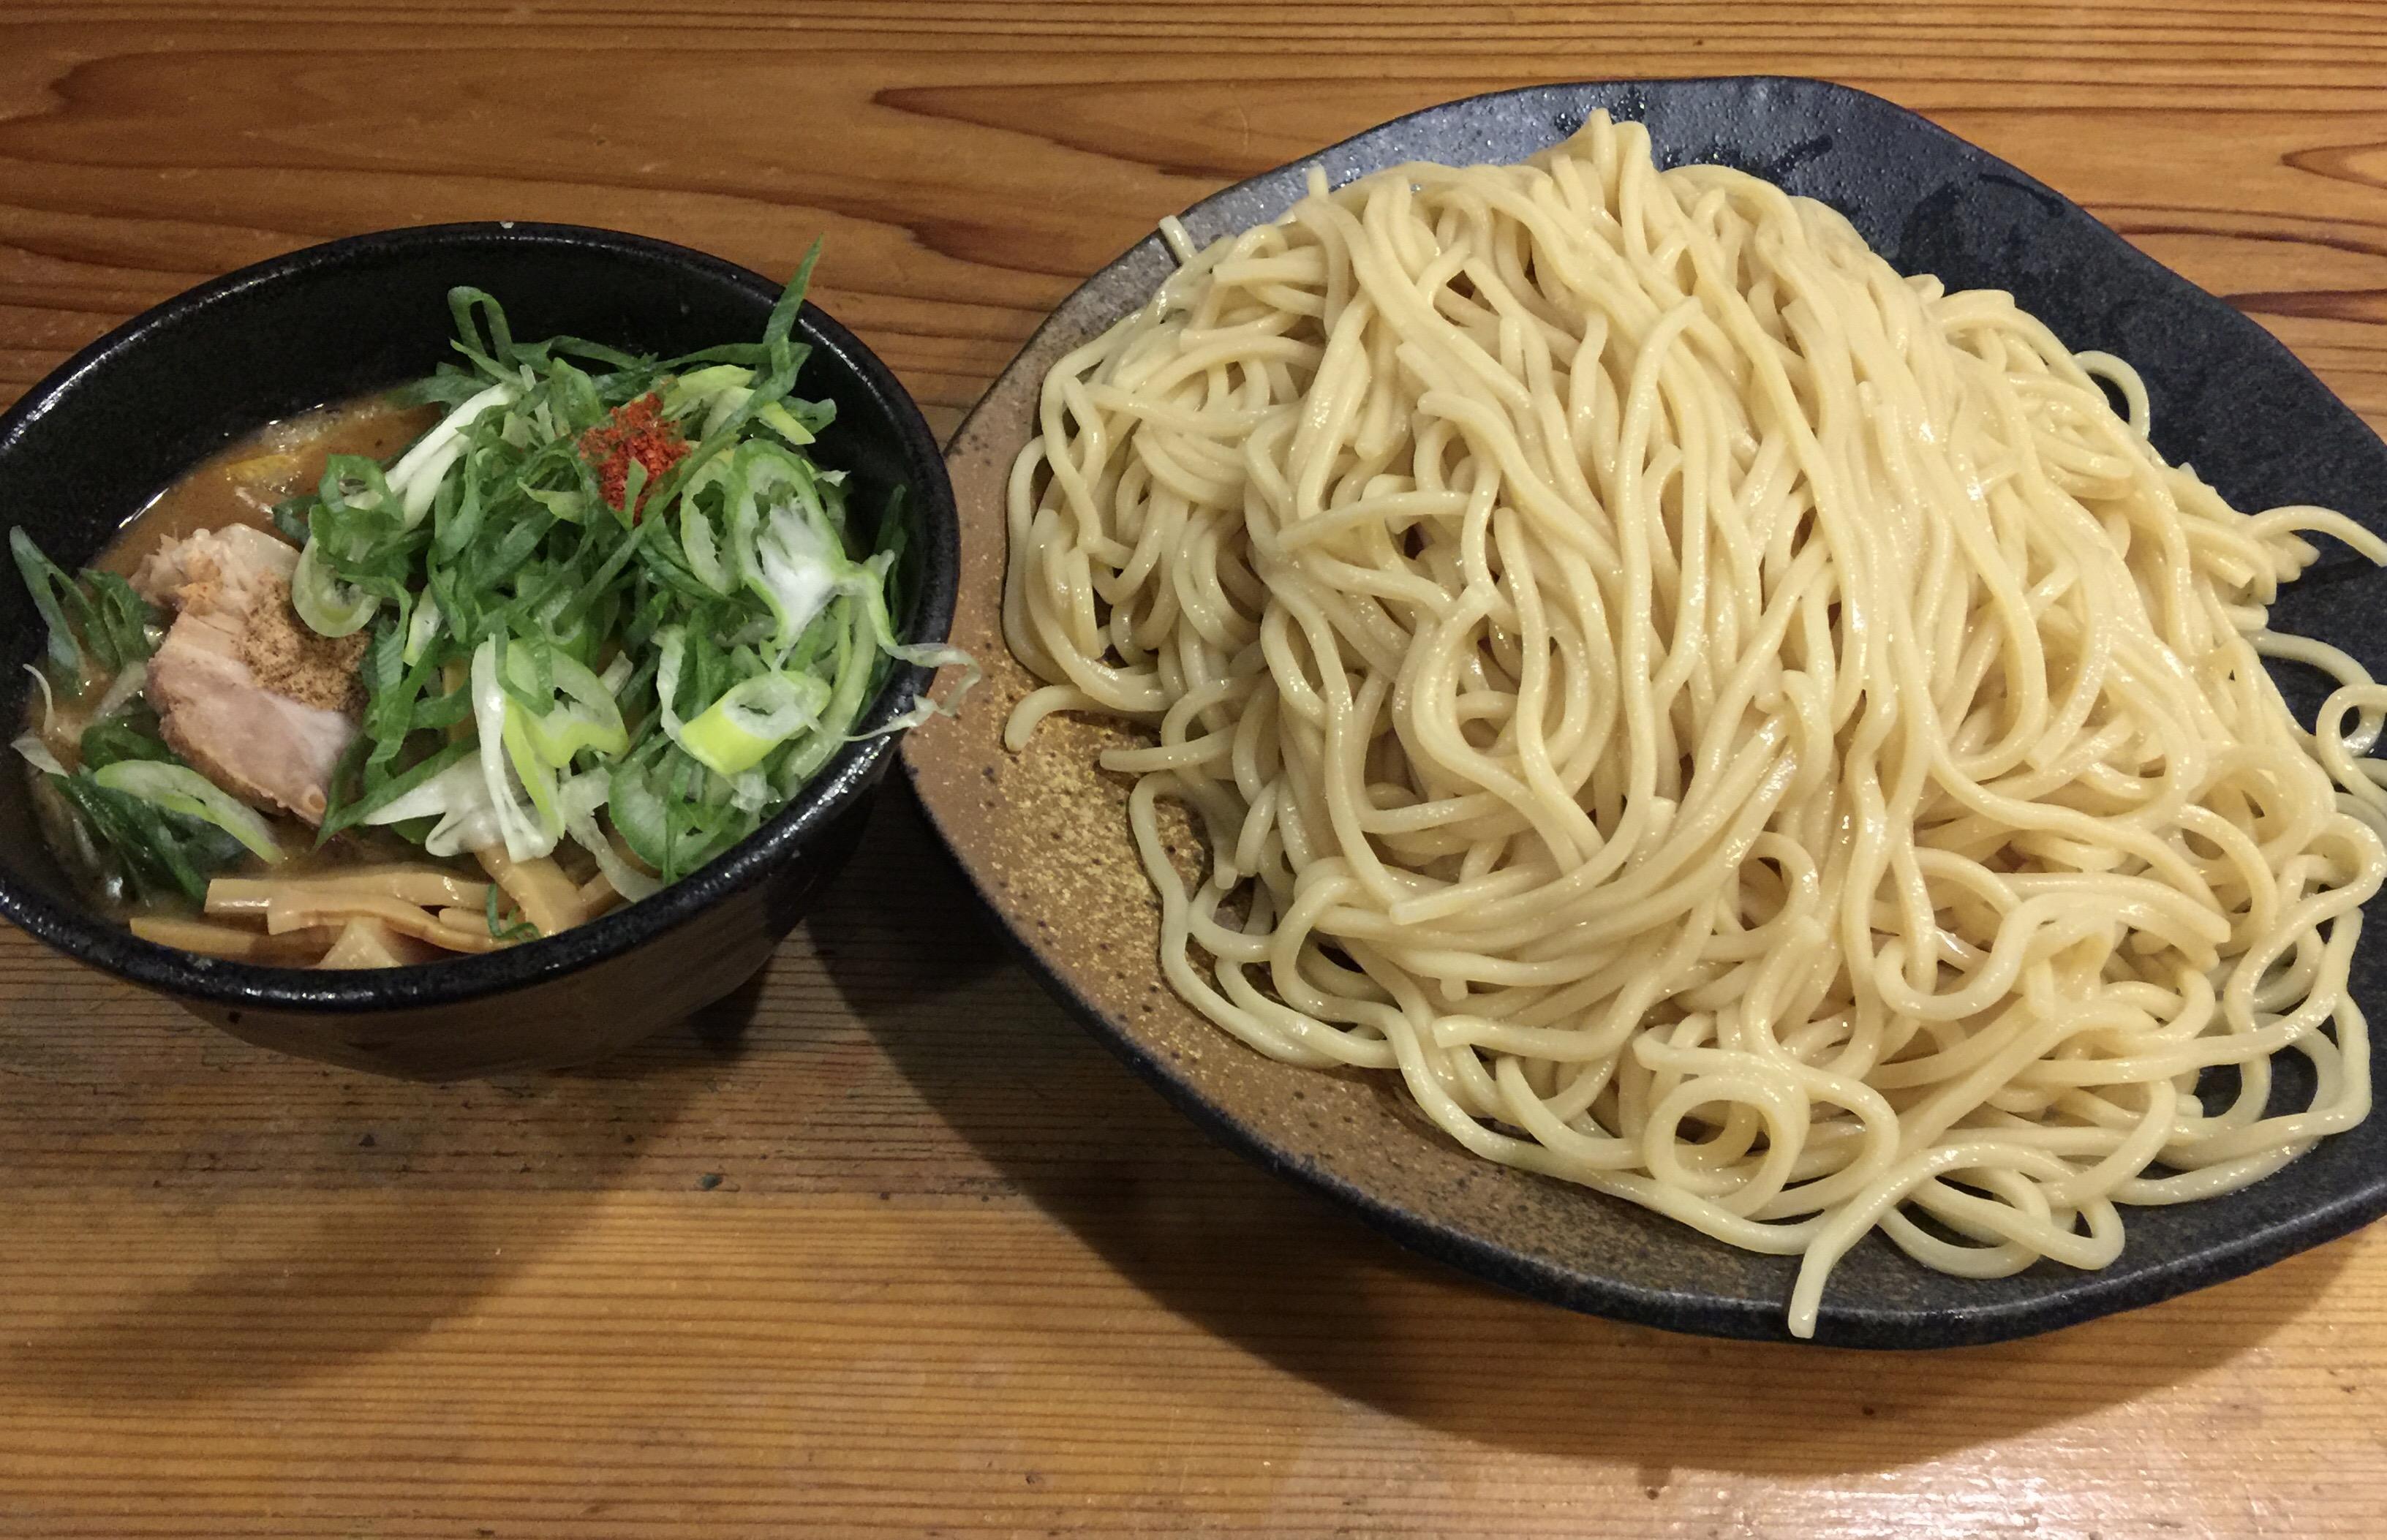 栄・プリンセス通り沿いで食べられる美味しい濃厚魚介つけ麺